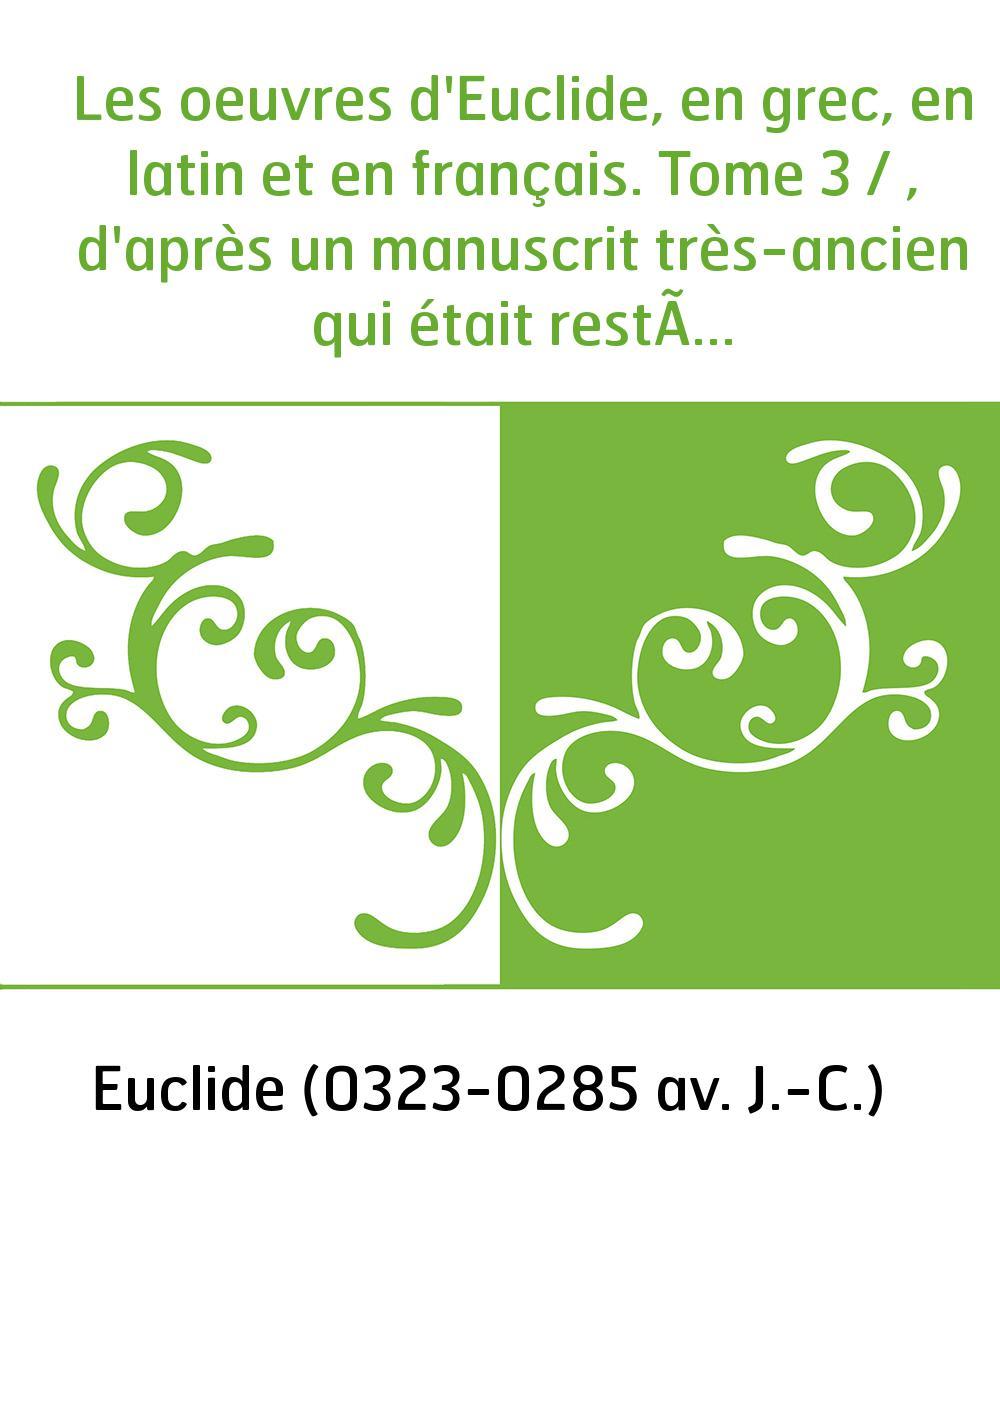 Les oeuvres d'Euclide, en grec, en latin et en français. Tome 3 / , d'après un manuscrit très-ancien qui était resté inconnu jus